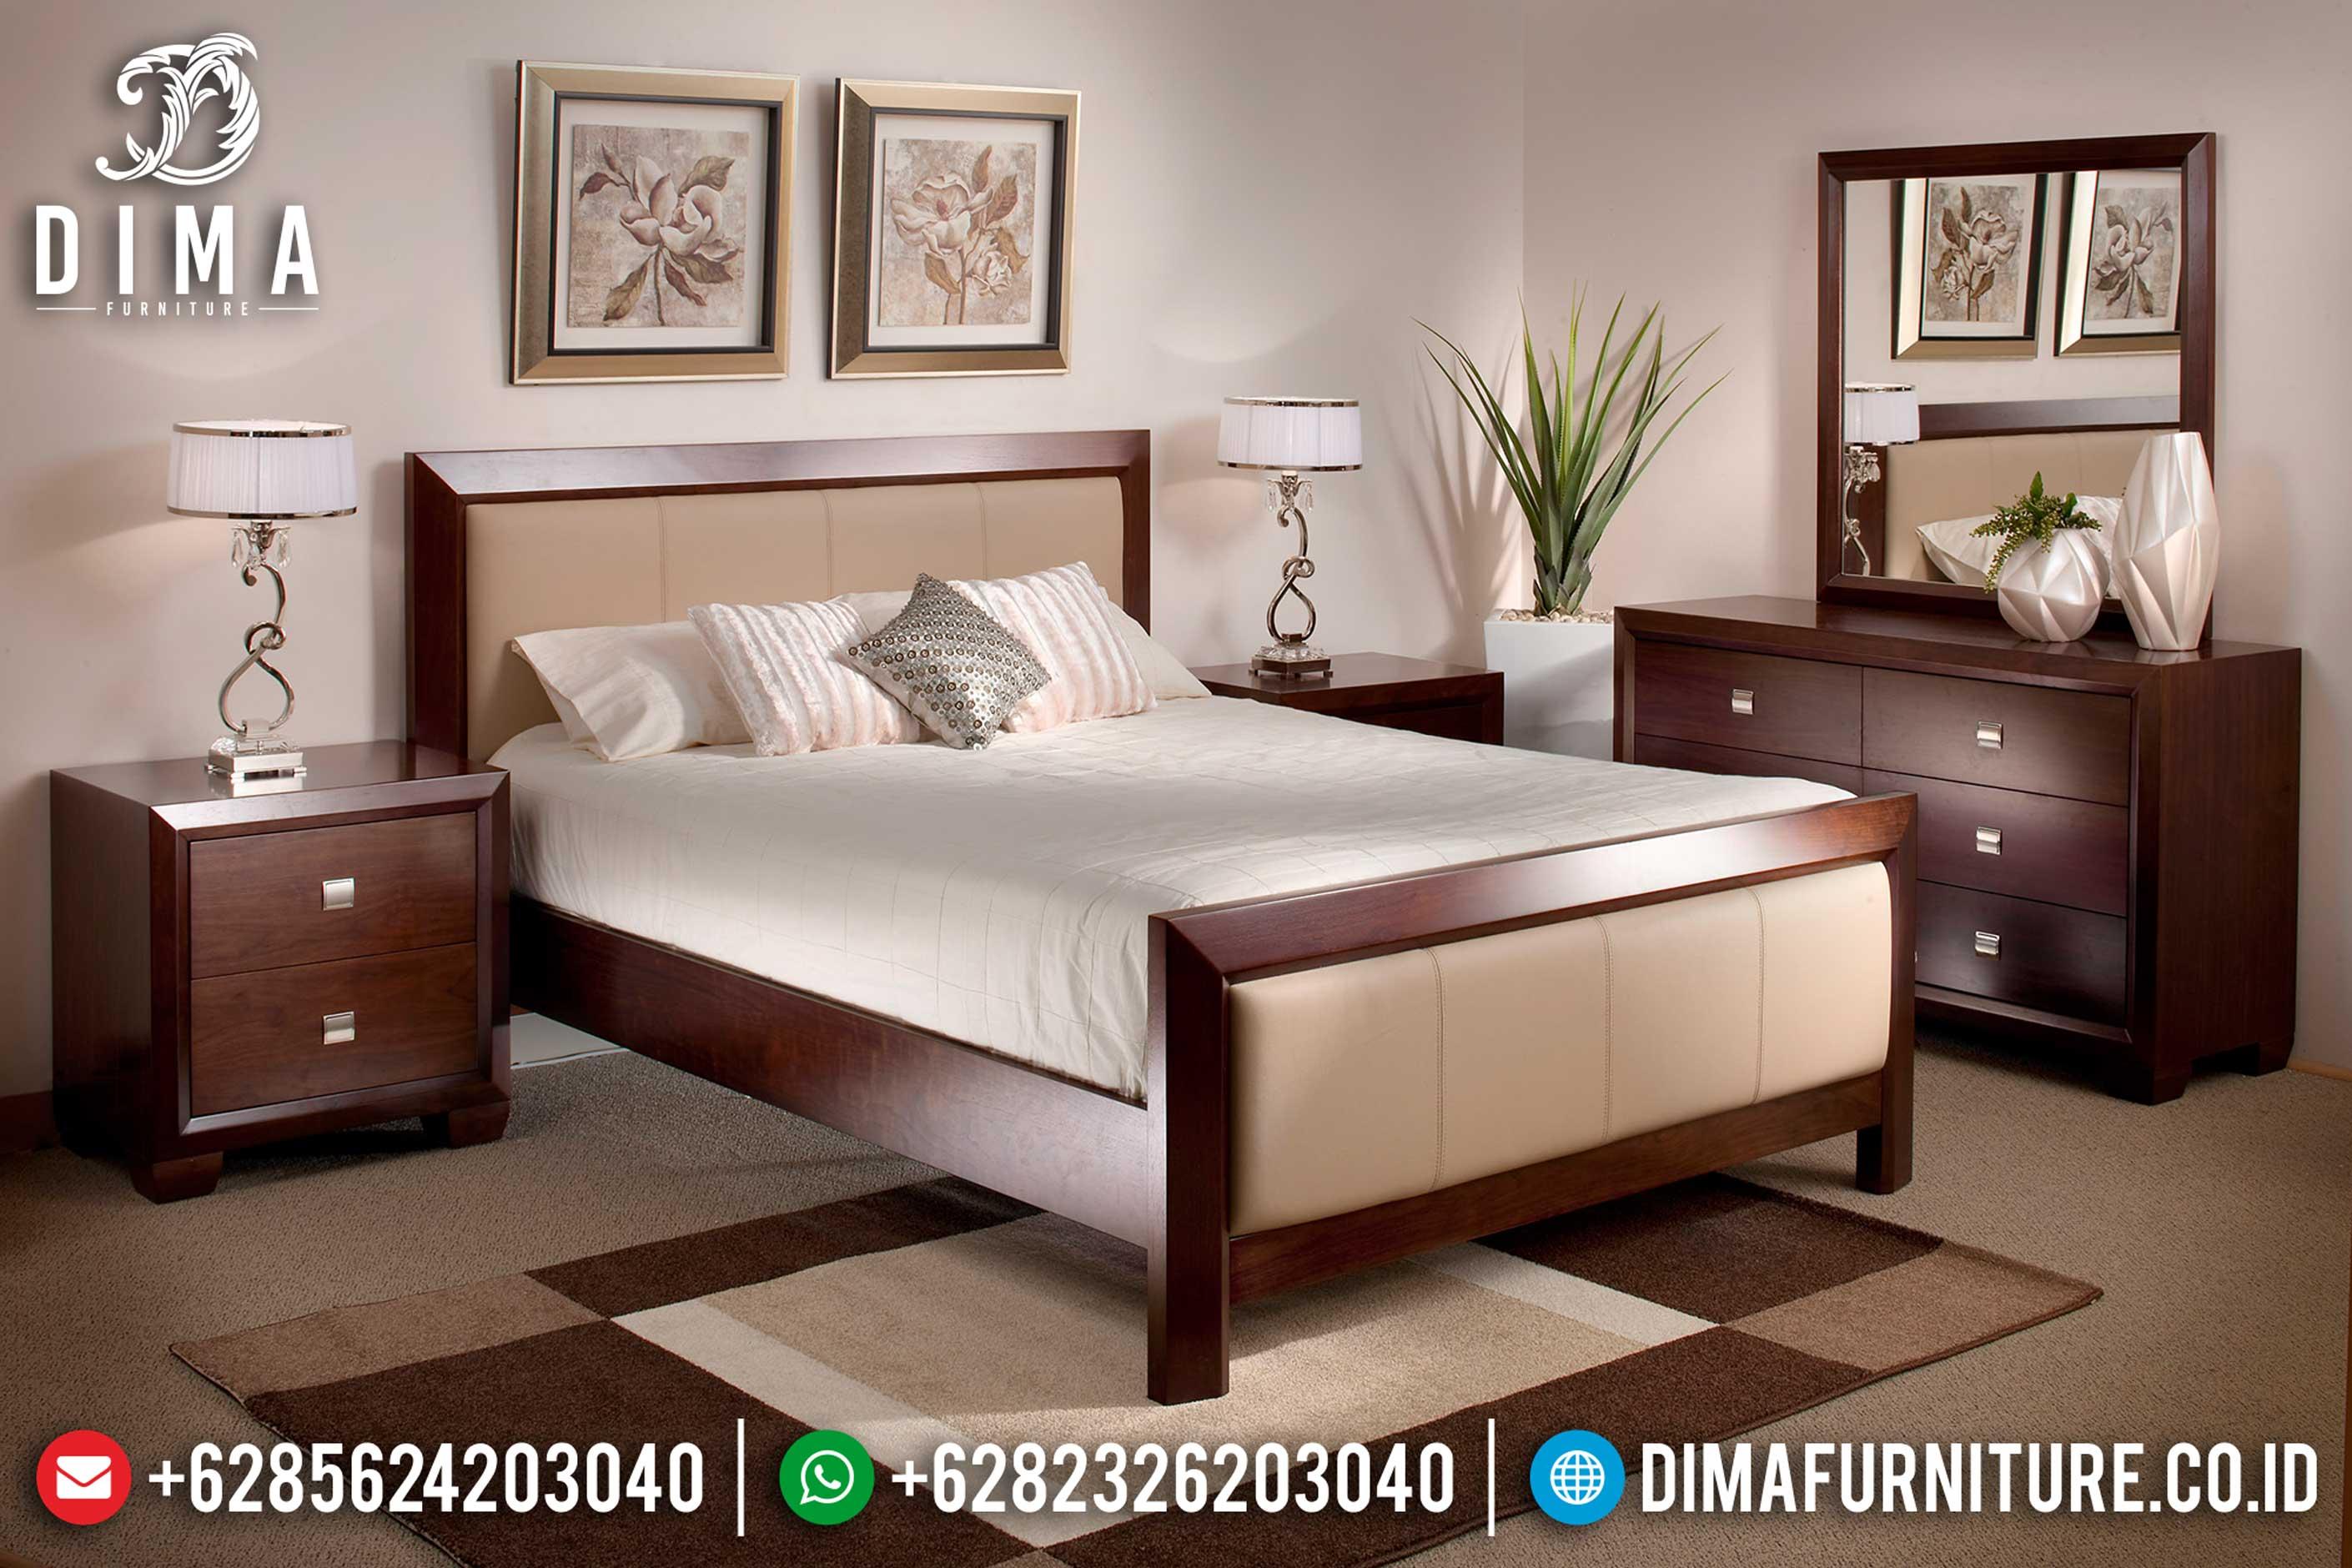 20+ Tempat Tidur Jepara Mewah Dan Minimalis Pilihan Tahun 2019 016 Dima Furniture Jepara